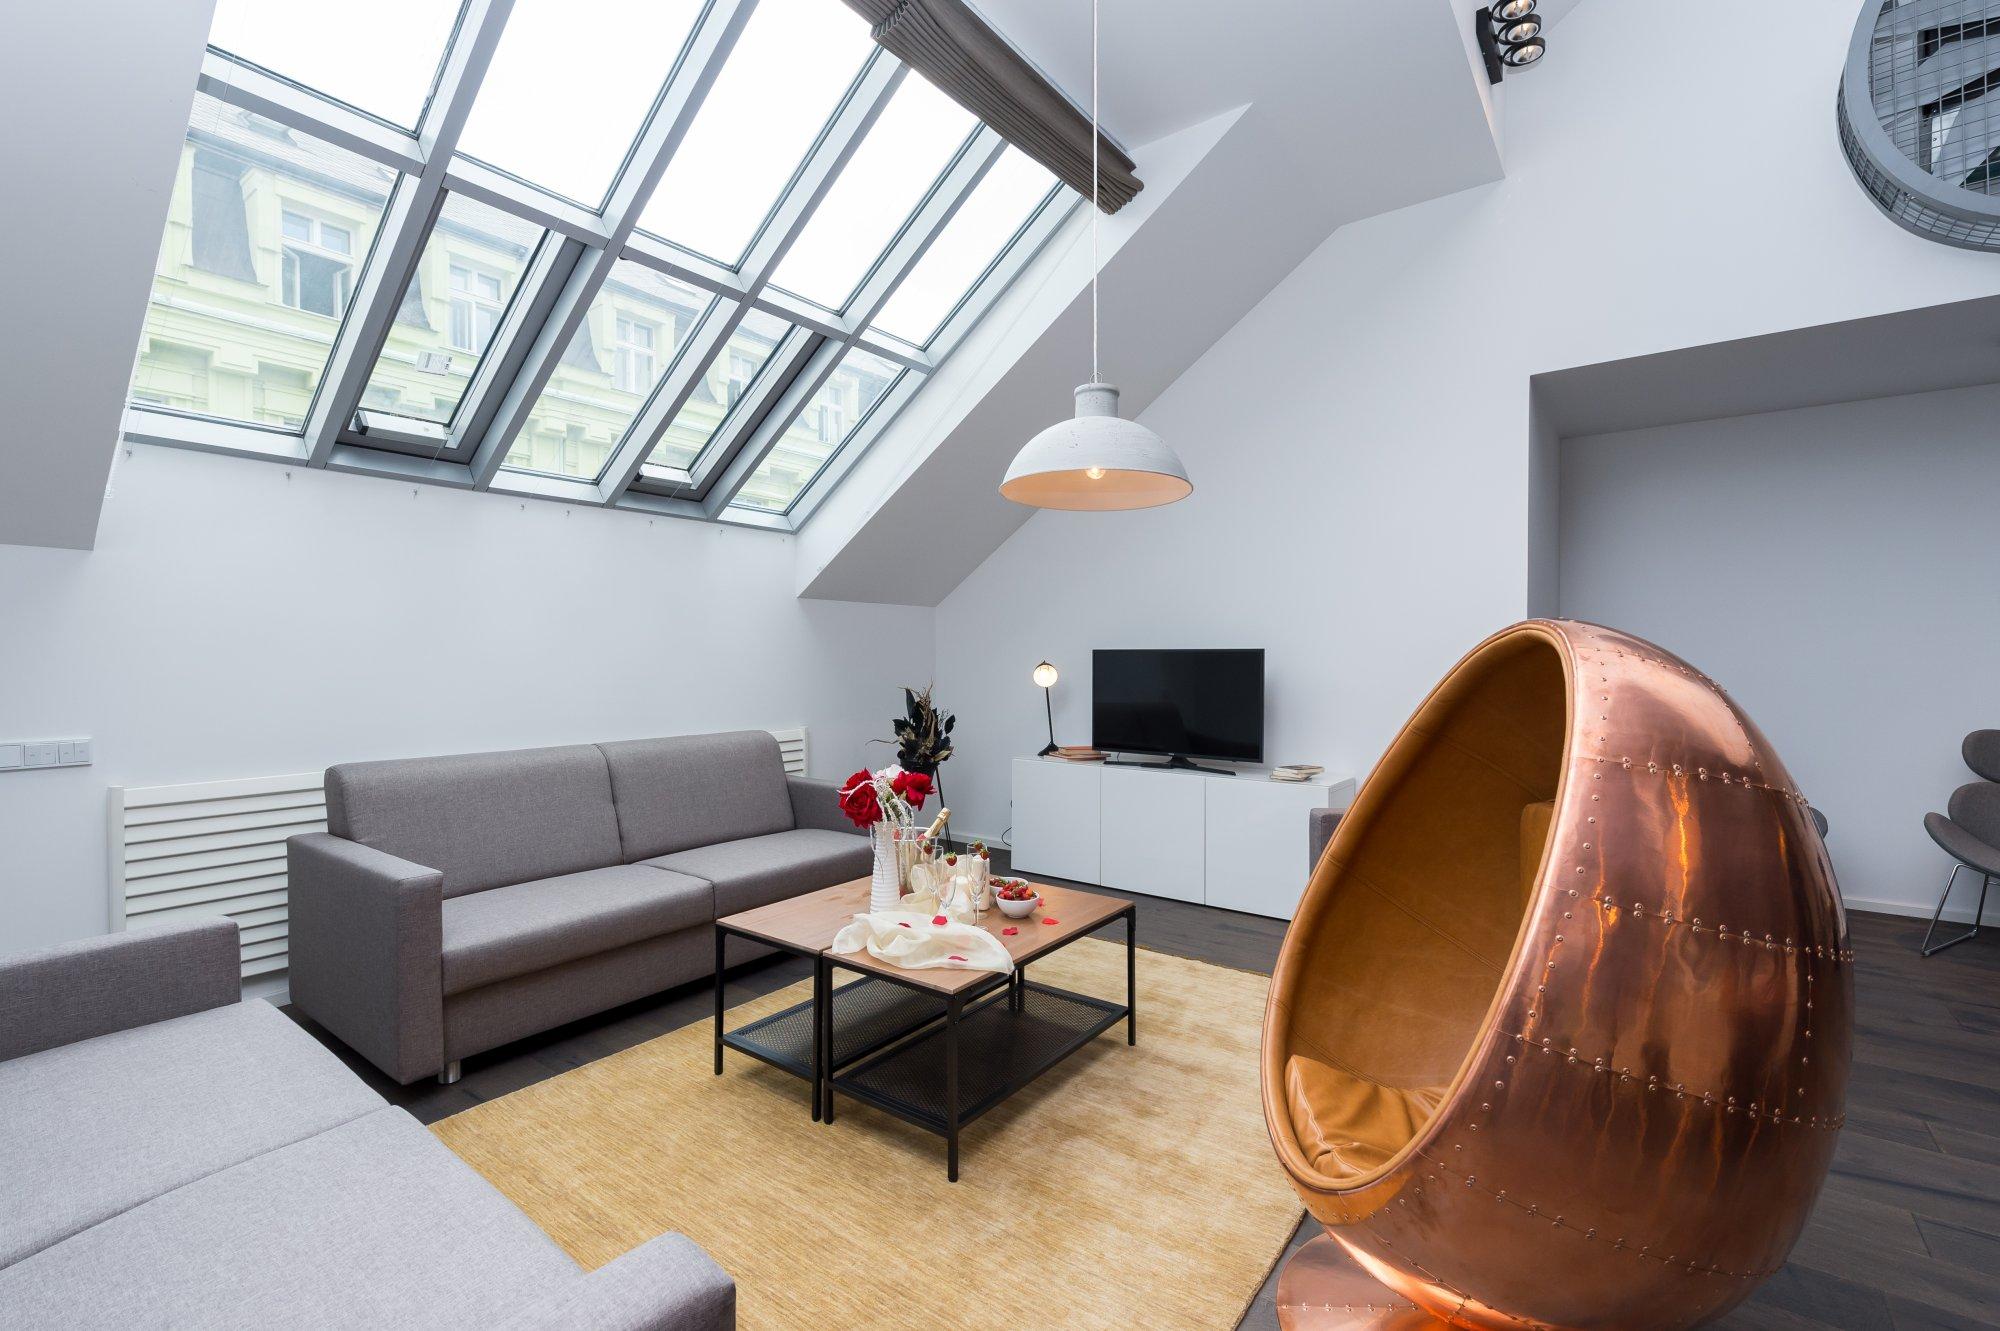 Půdní byt 5+kk, plocha 194 m², ulice Dlážděná, Praha 1 - Nové Město | 1